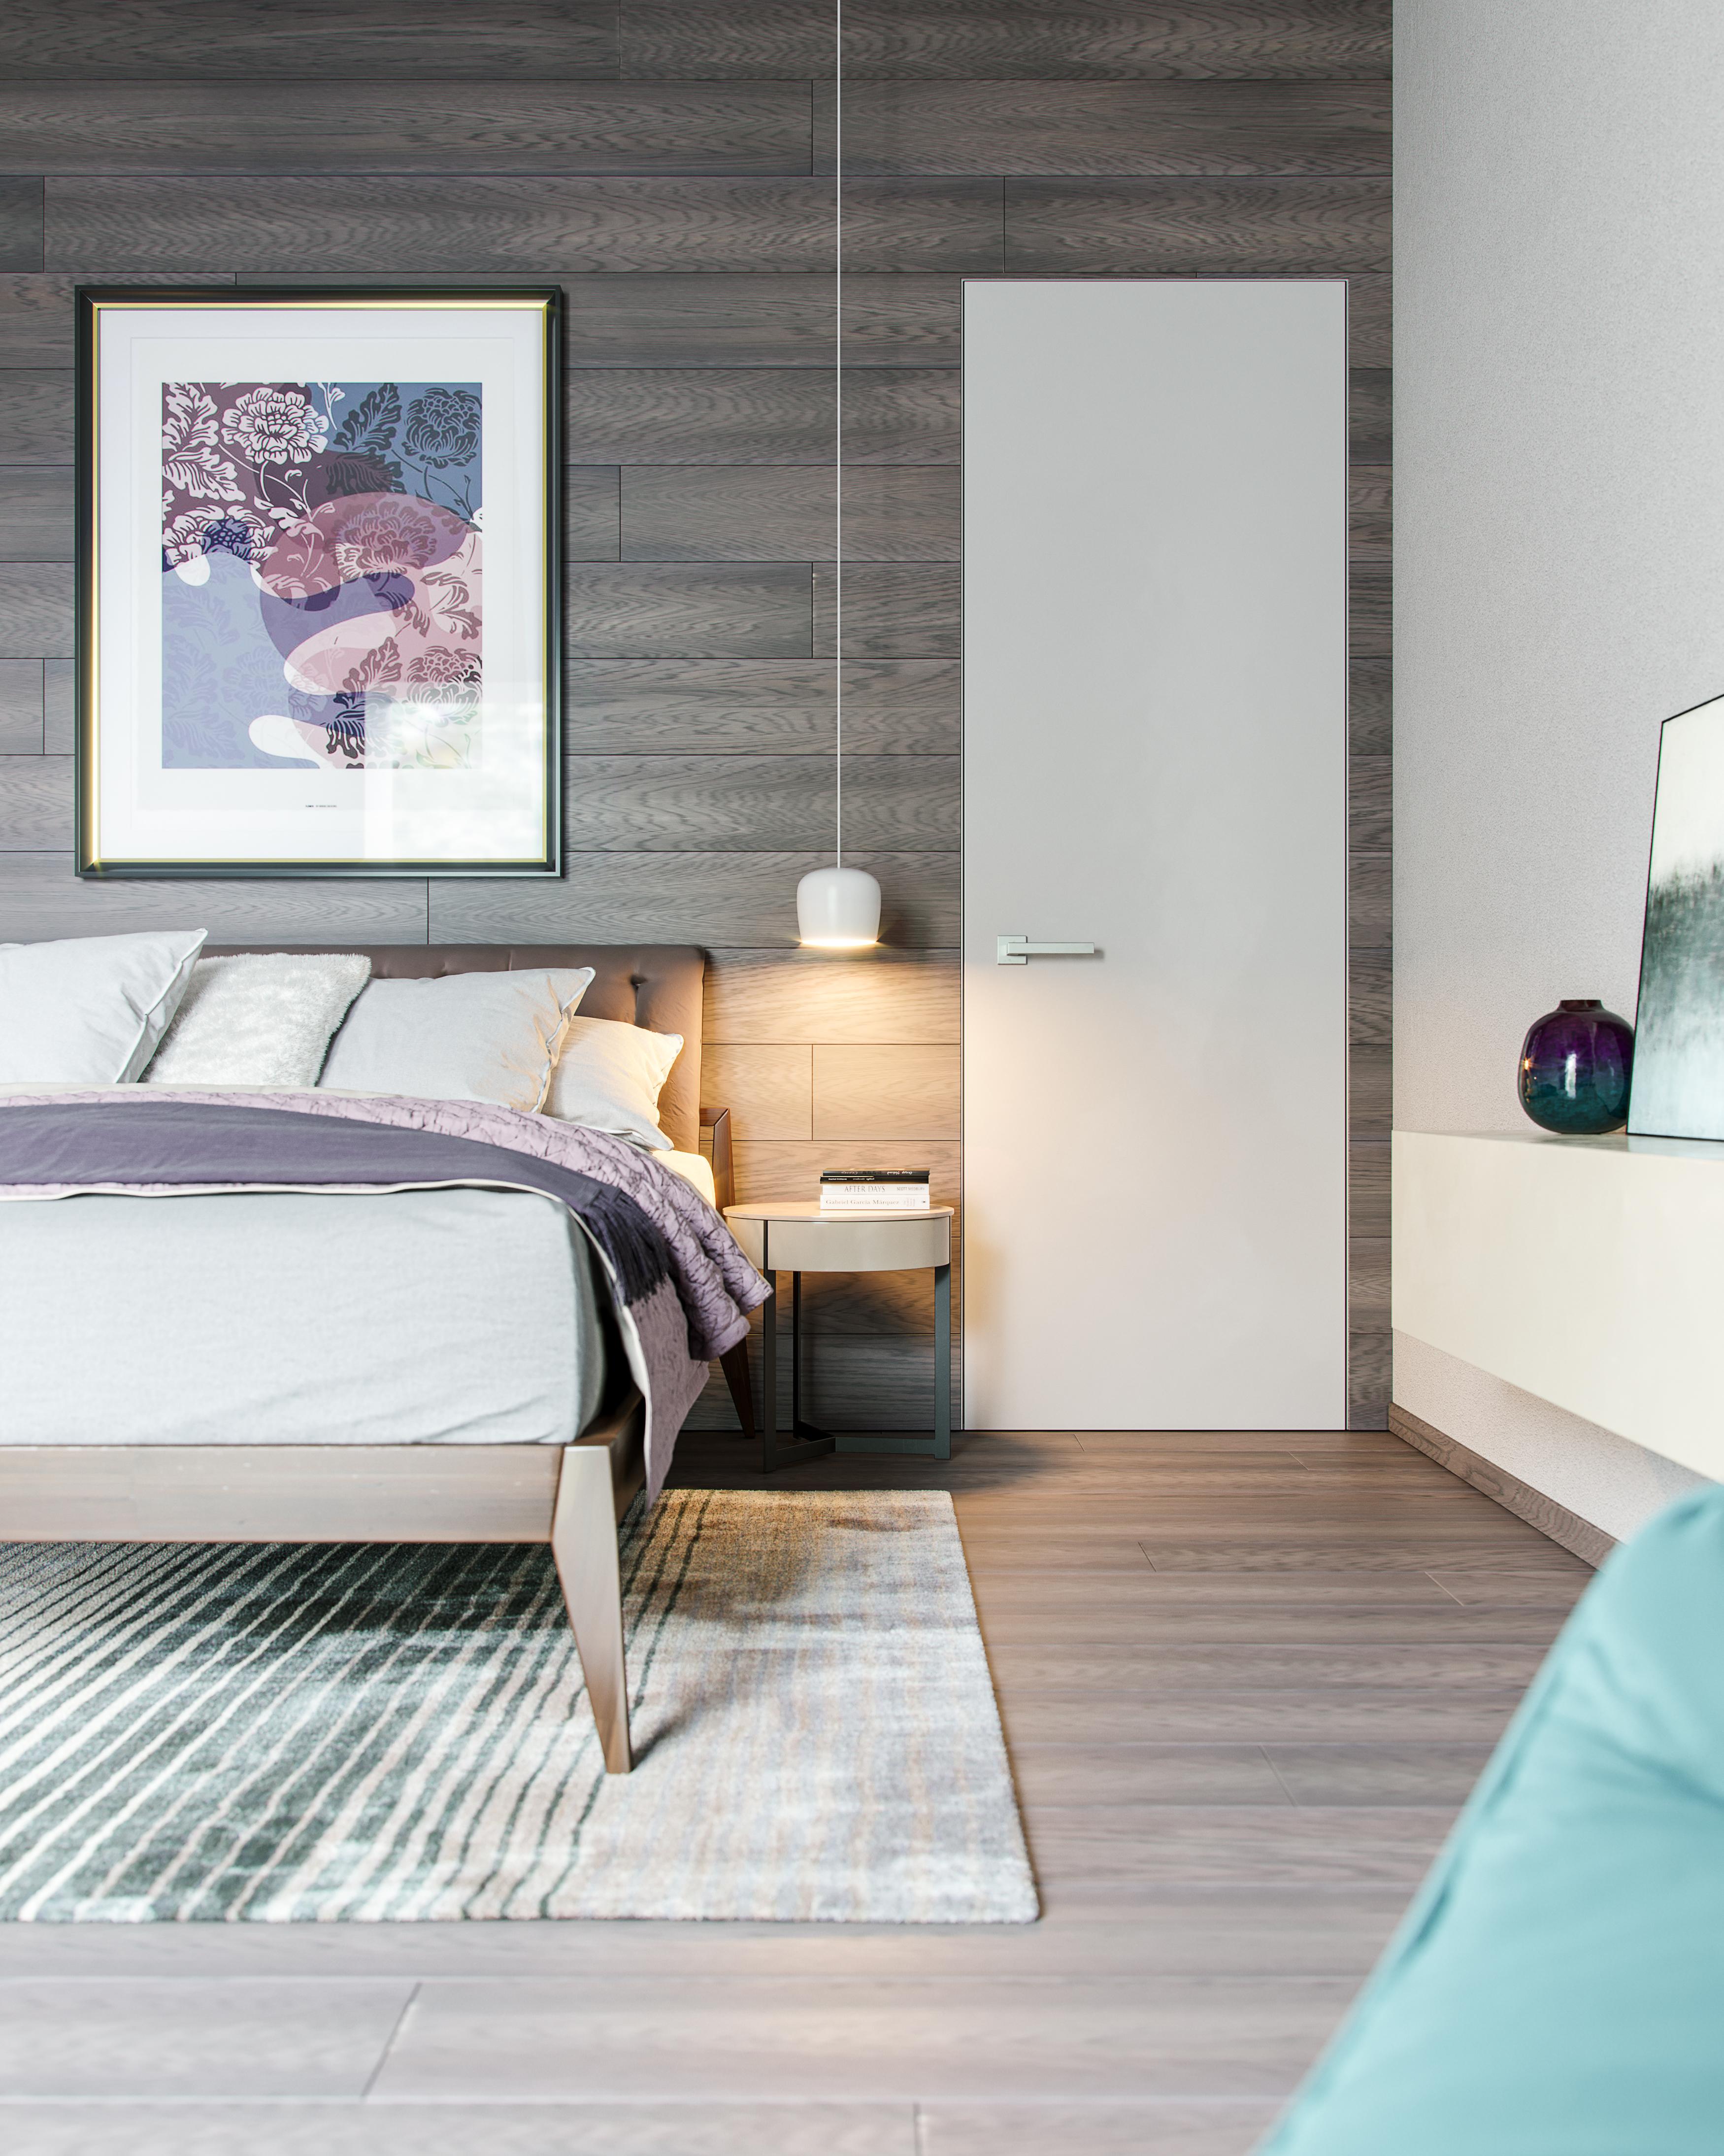 Camera da letto / Mcd